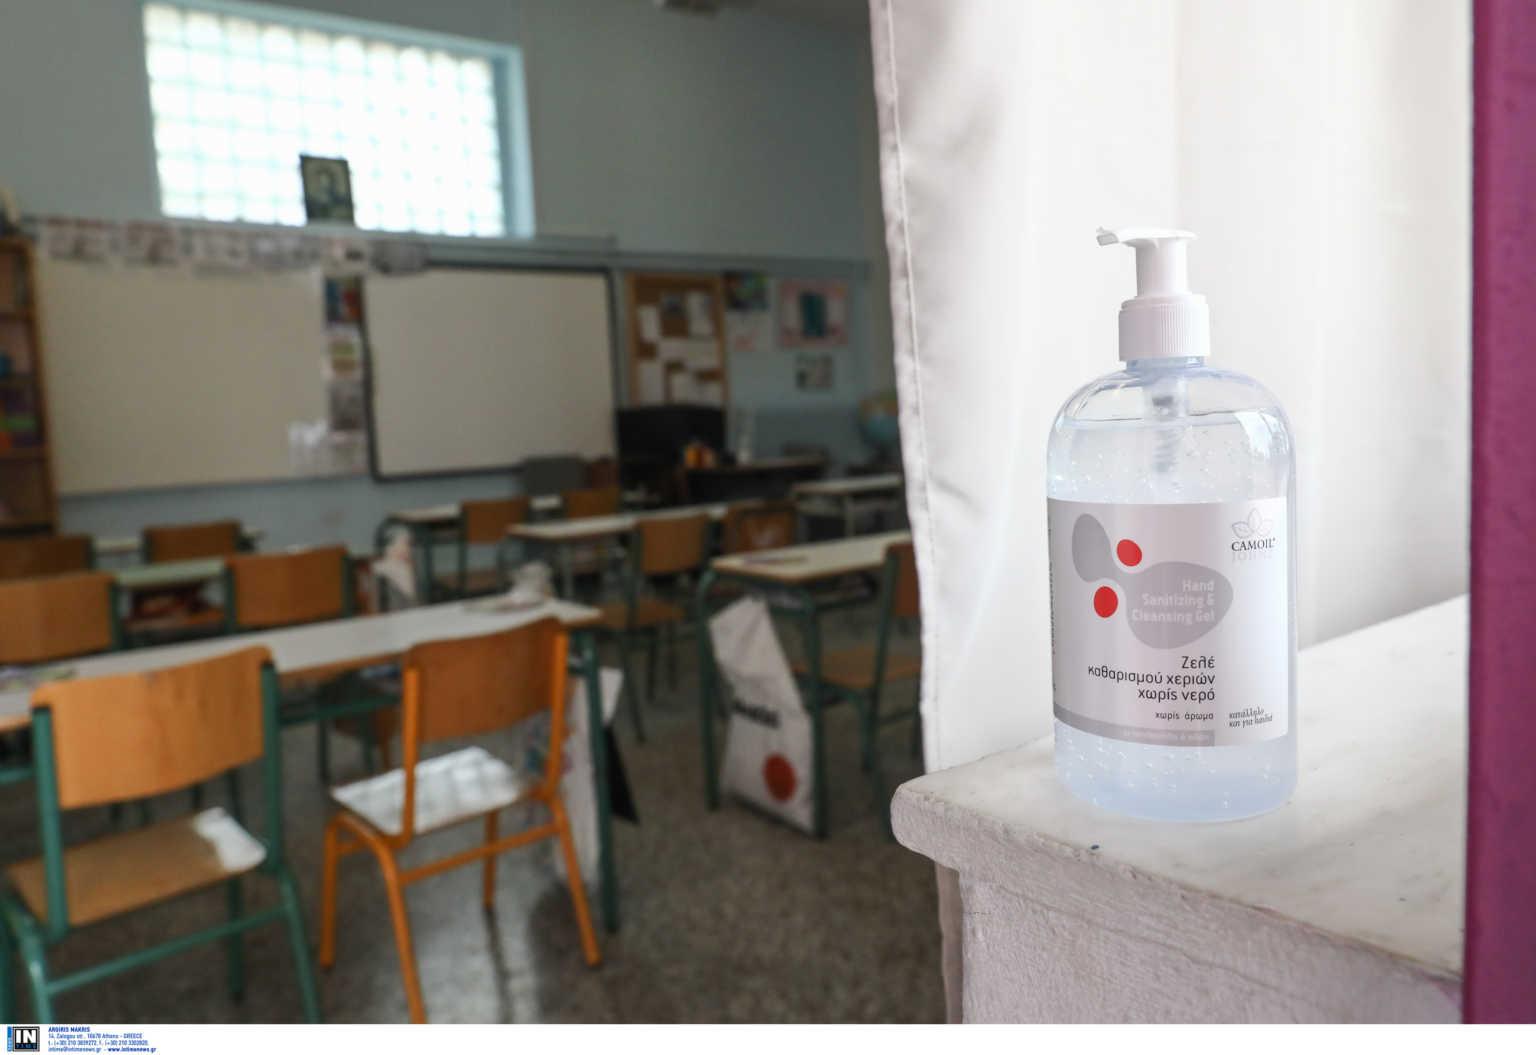 Κορονοϊός: Πυρετώδεις προετοιμασίες για την επιστροφή στα σχολεία – Ανησυχία για τα αυξημένα κρούσματα